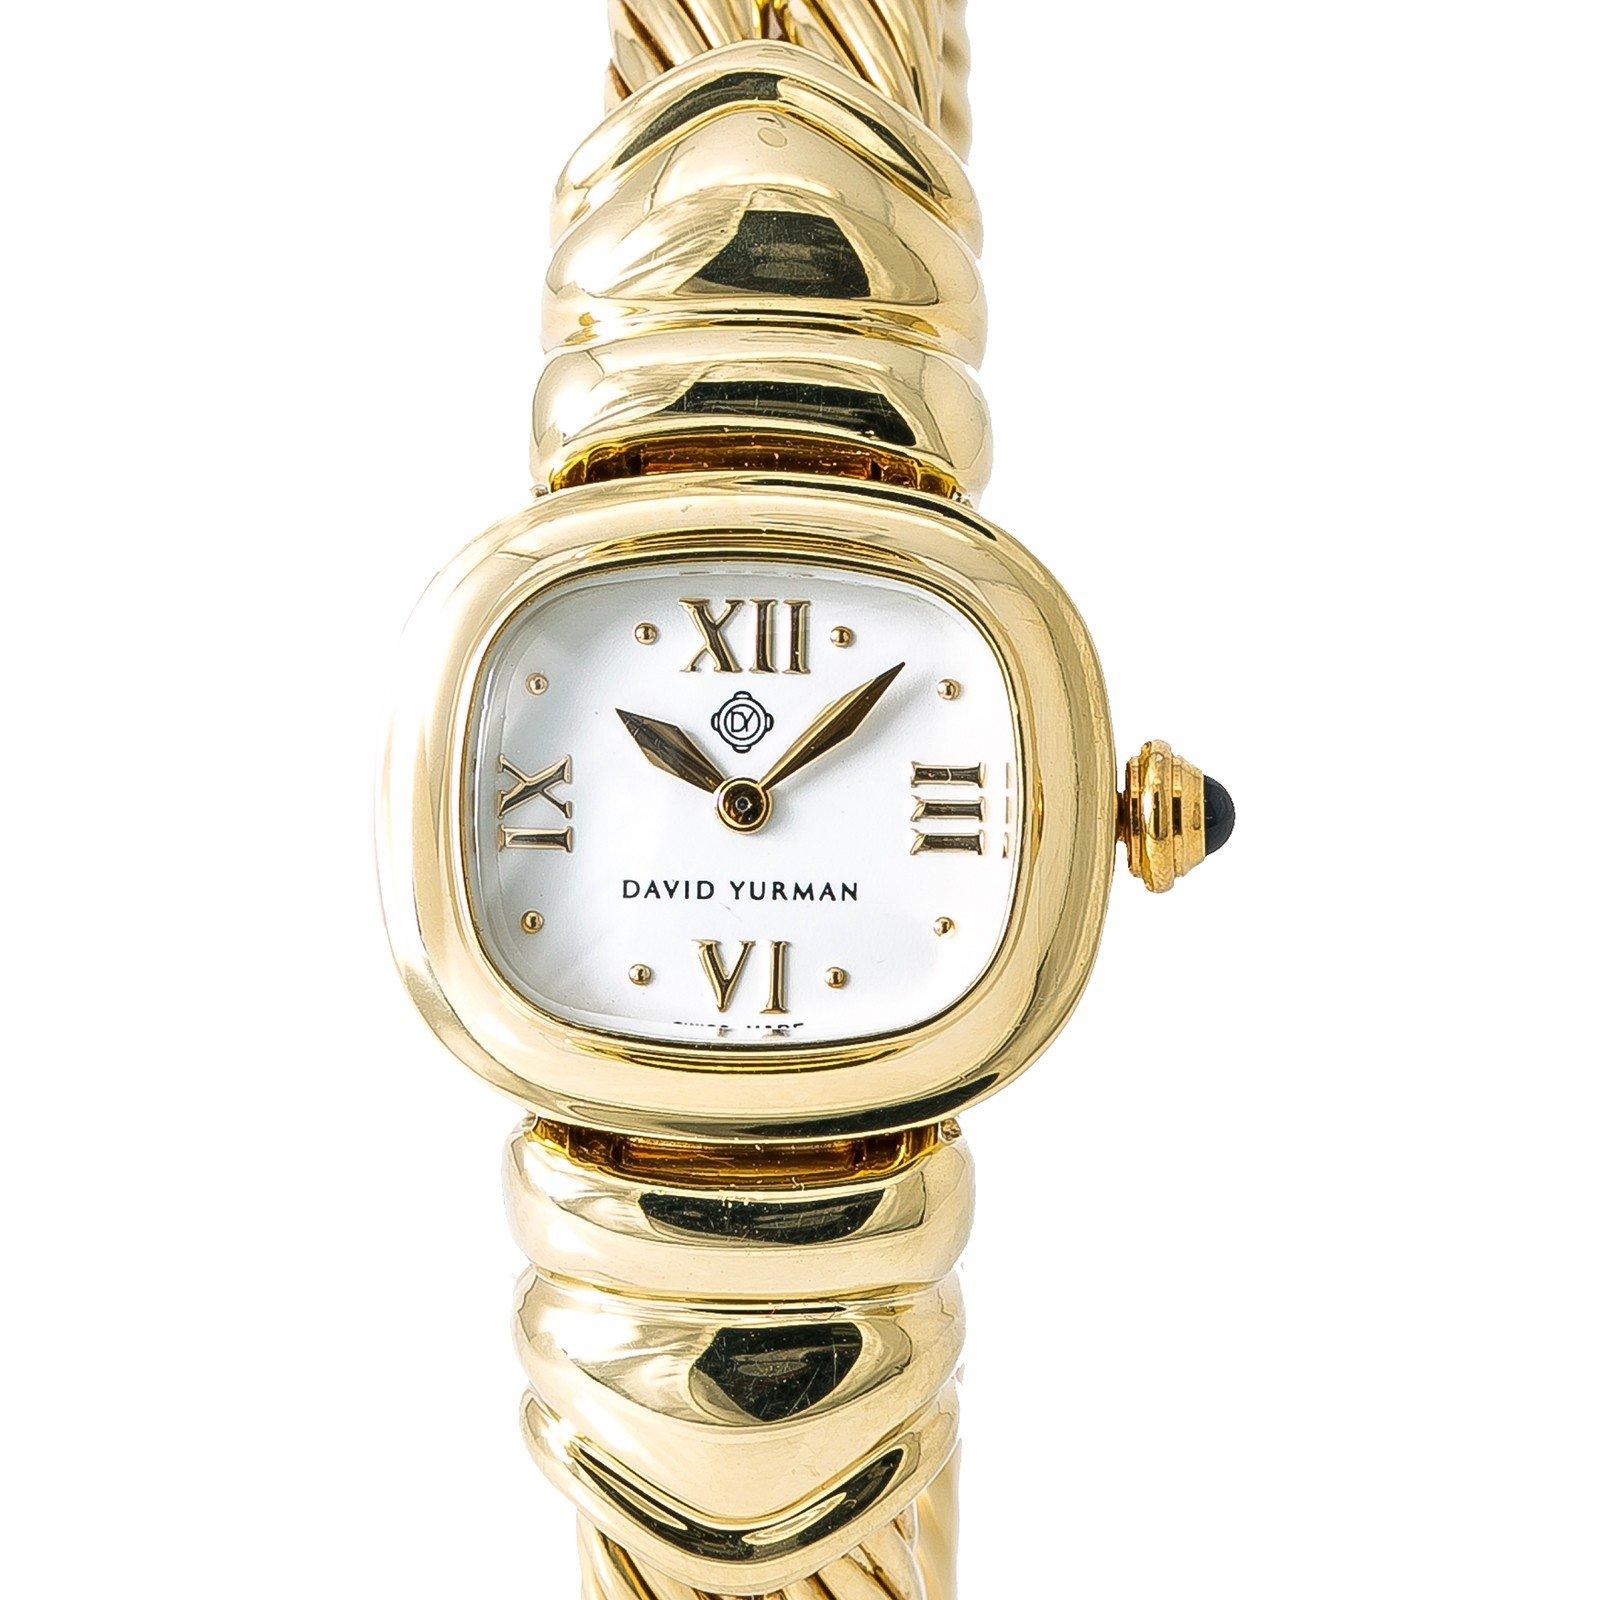 David Yurman Bangle Watch quartz womens Watch T-3833 (Certified Pre-owned) by David Yurman (Image #4)